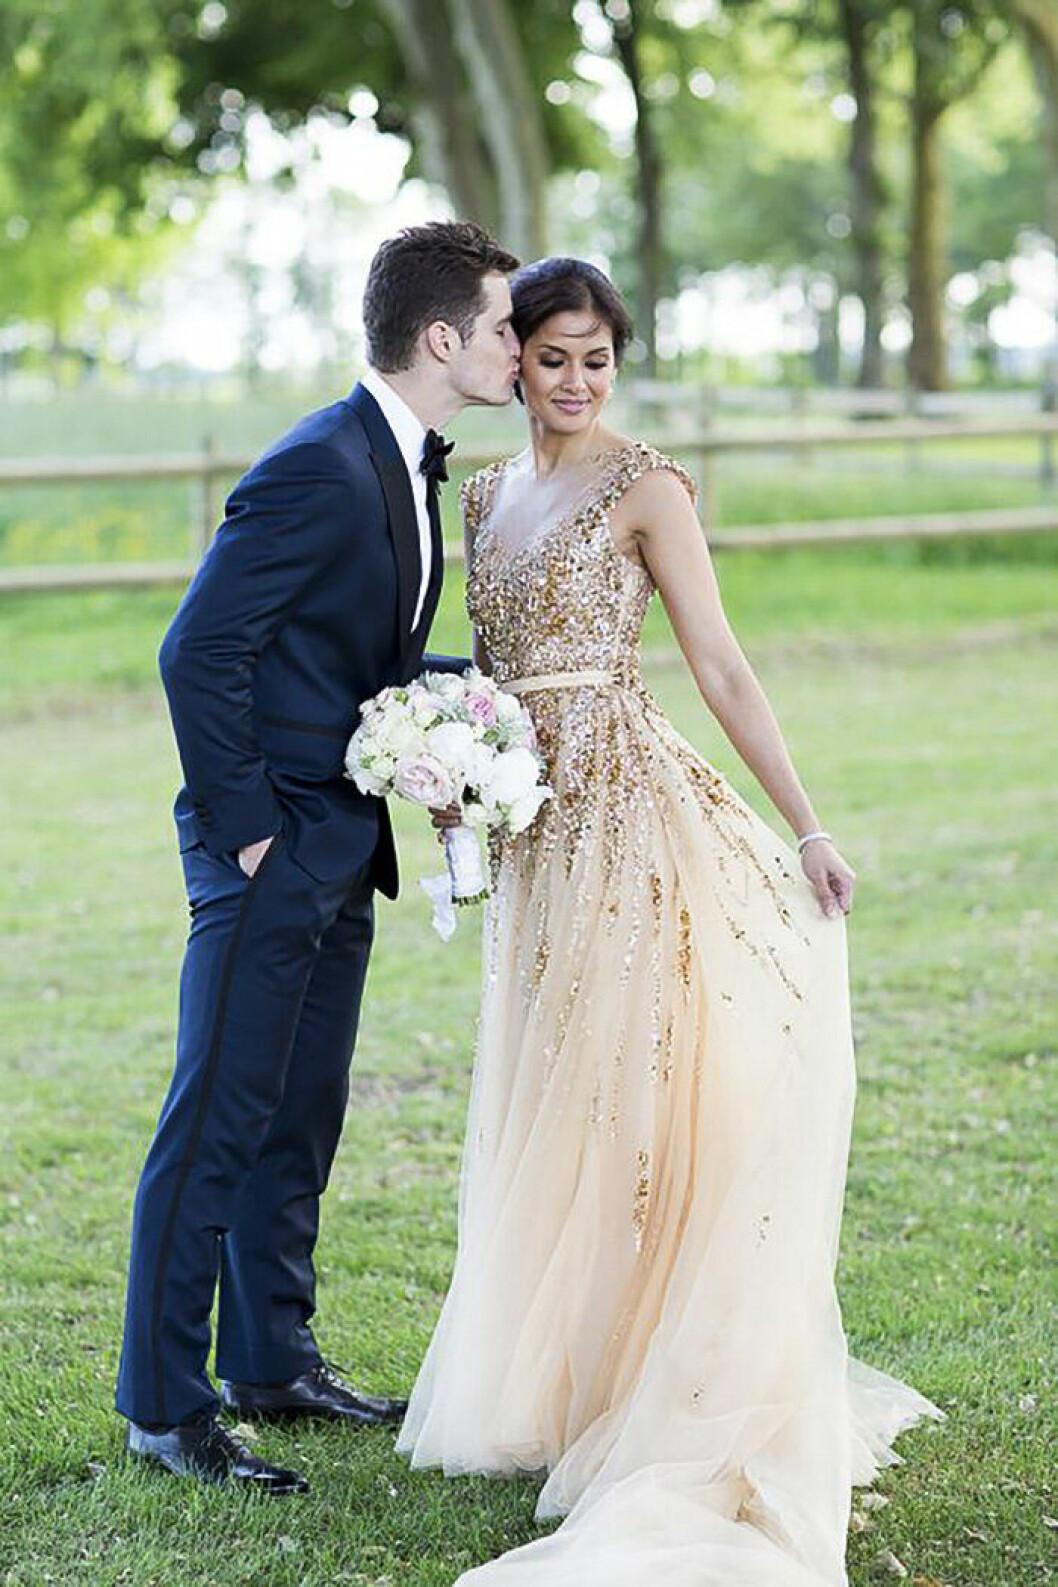 Bröllopsklänning i guld